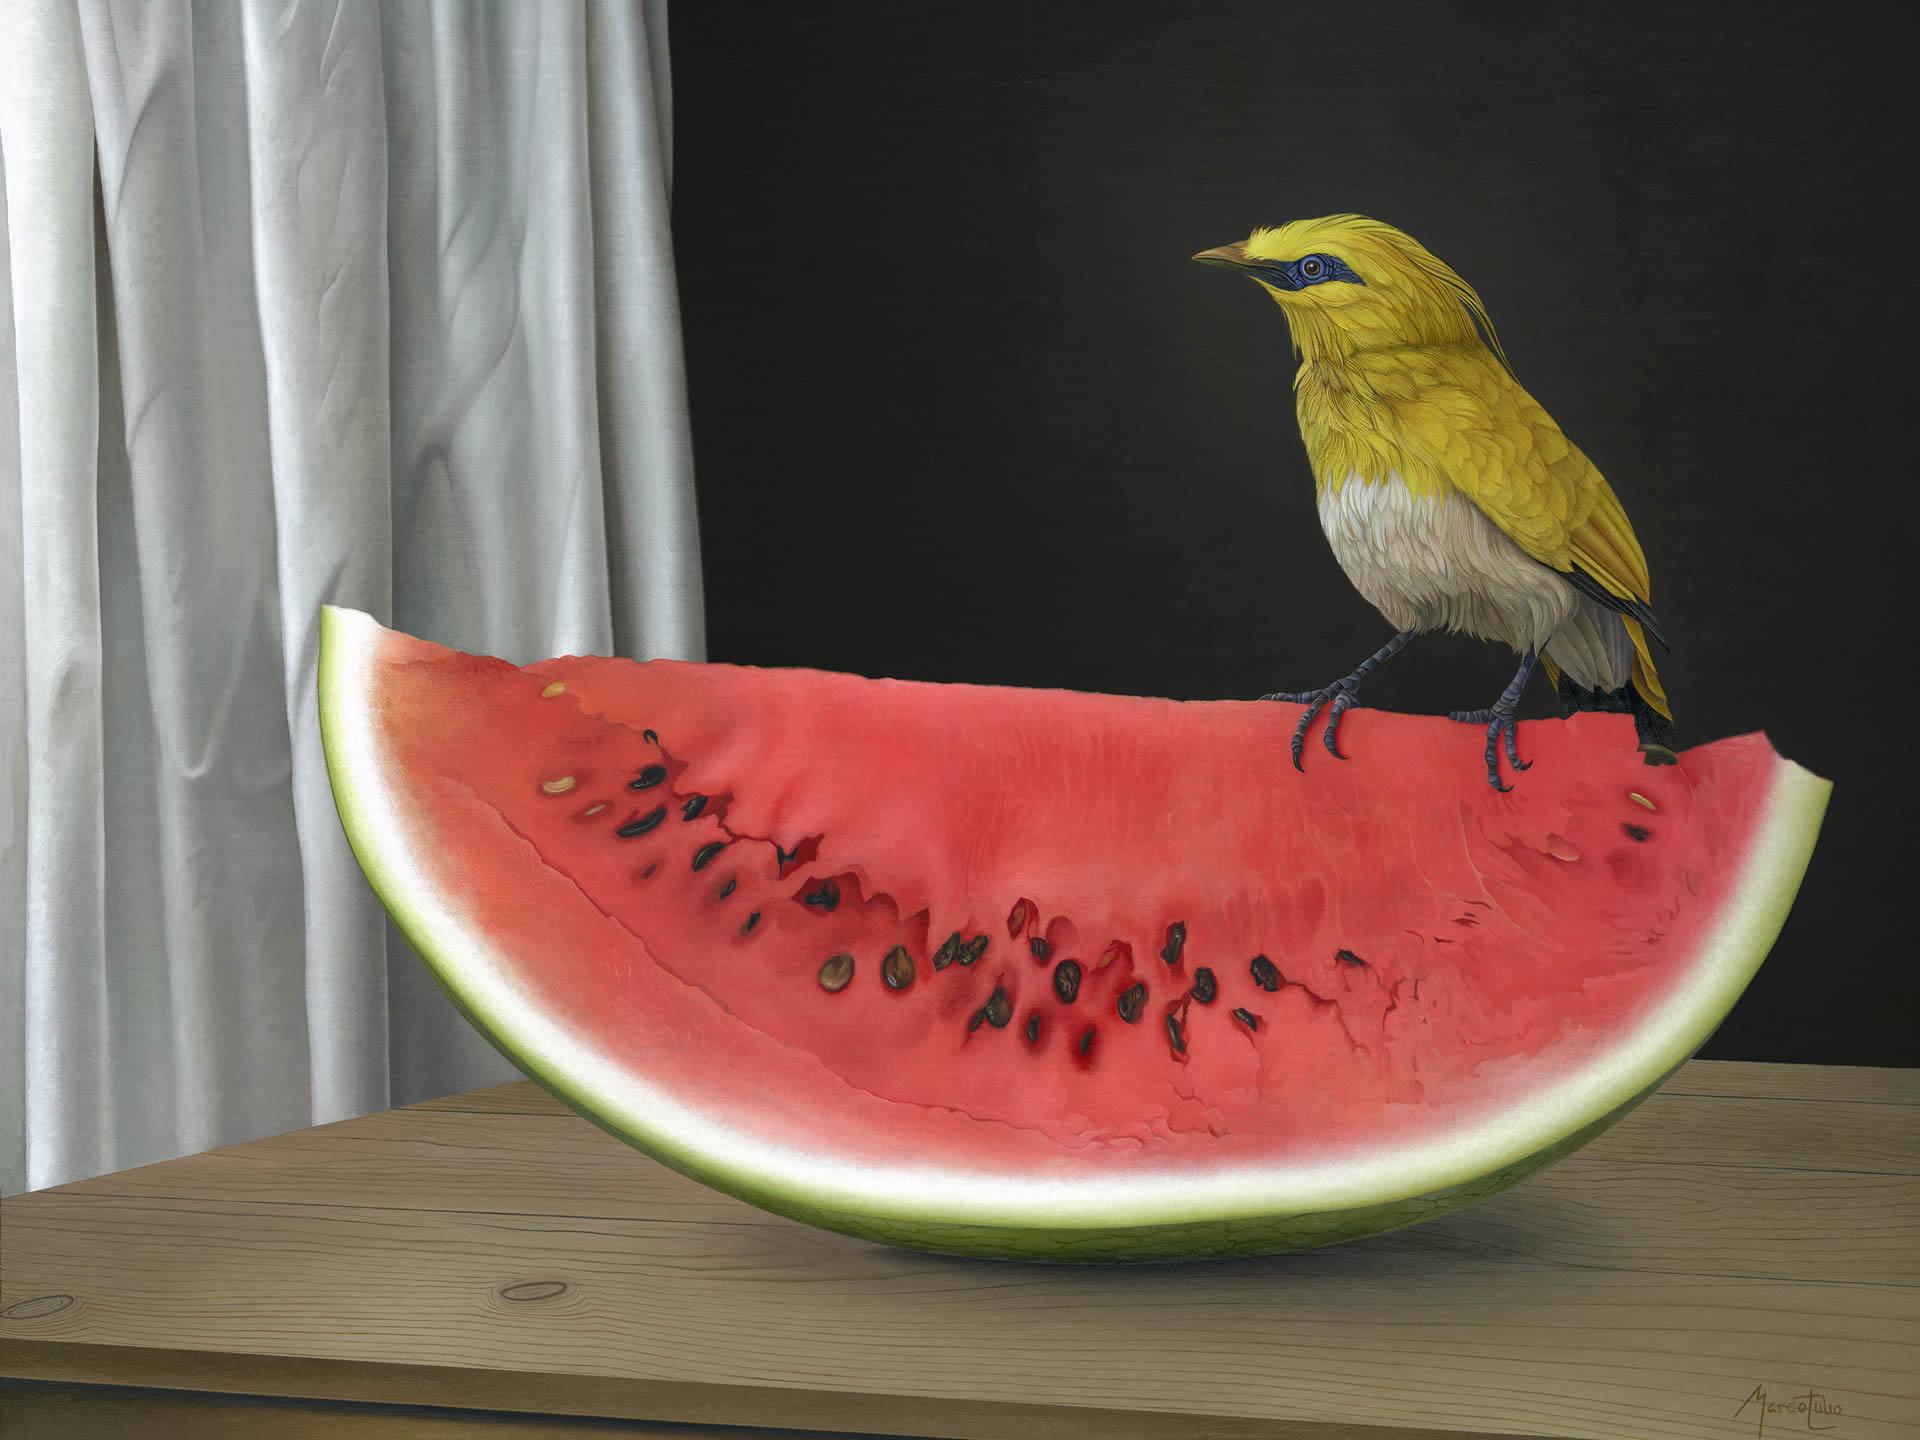 Marco-Tulio-Bird-and-Watermelon-Online-Art-Galleries